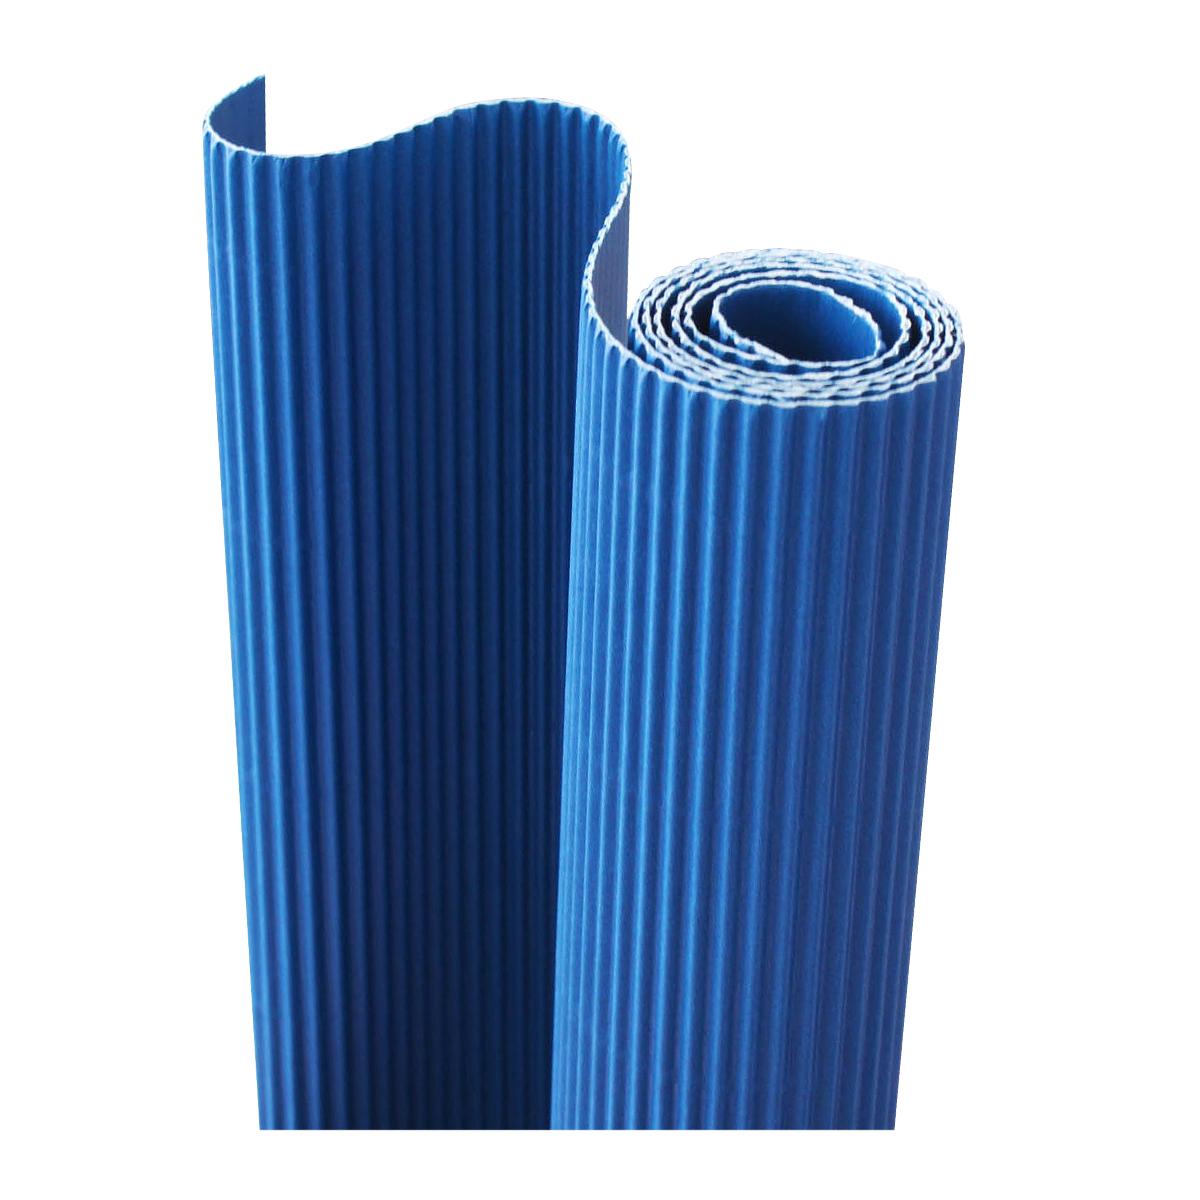 Картон гофрированный Folia, цвет: синий, 50 х 70 см7710888_34 синийДвухслойный гофрированный картон Folia в основном применяется для декорирования. Он состоит из одного слоя плоского картона и слоя бумаги, имеющую волнообразную (гофрированную) форму. Отличается малым весом и высокими физическими параметрами.Применение: для дизайнерских и оформительских работ, для декоративного детского творчества. Также такой материал хорошо зарекомендовал себя в качестве упаковочного материала.